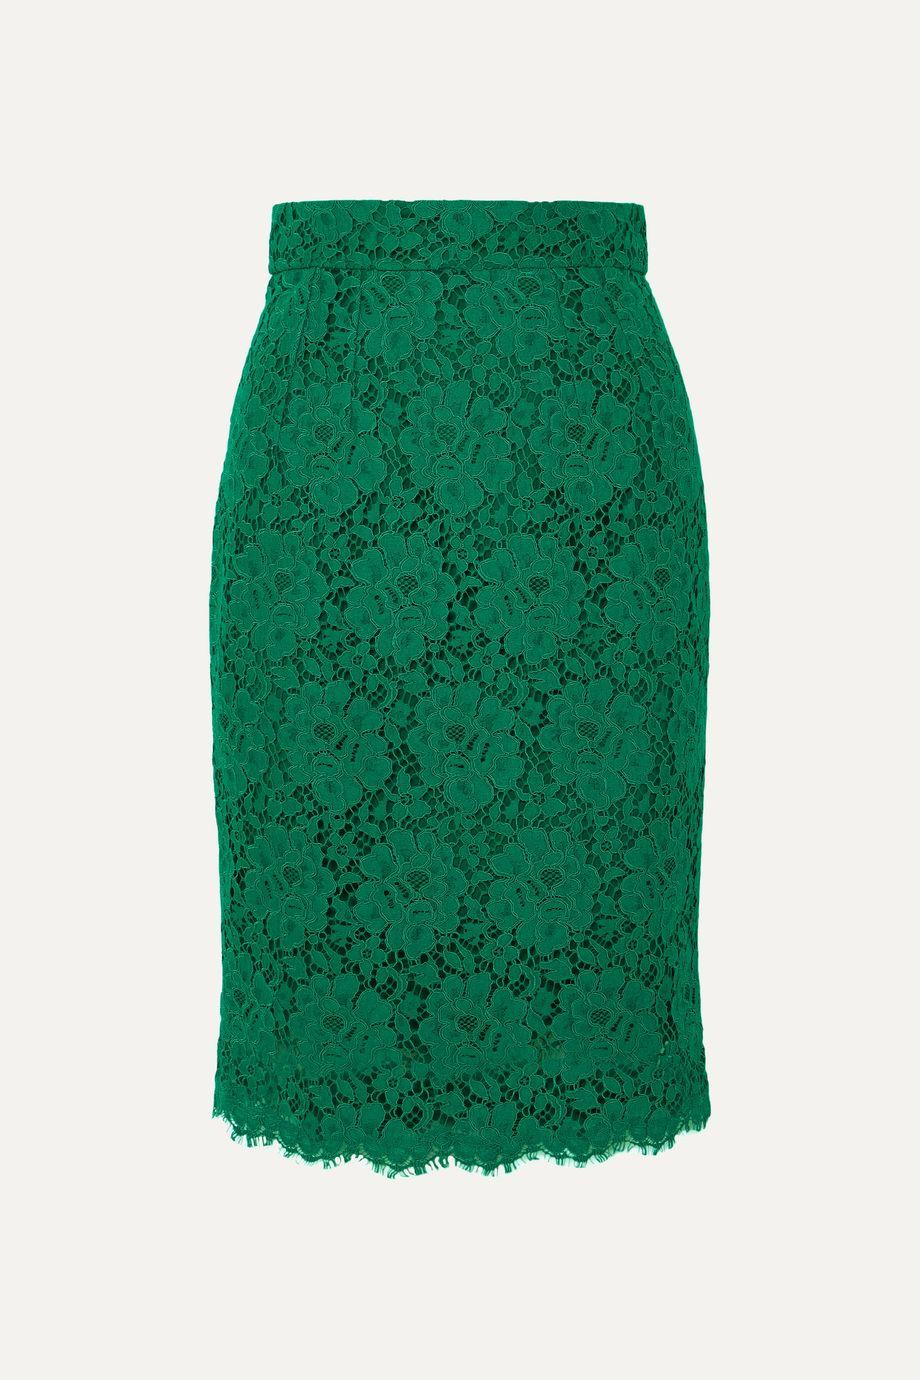 Dolce & Gabbana Guipure lace skirt